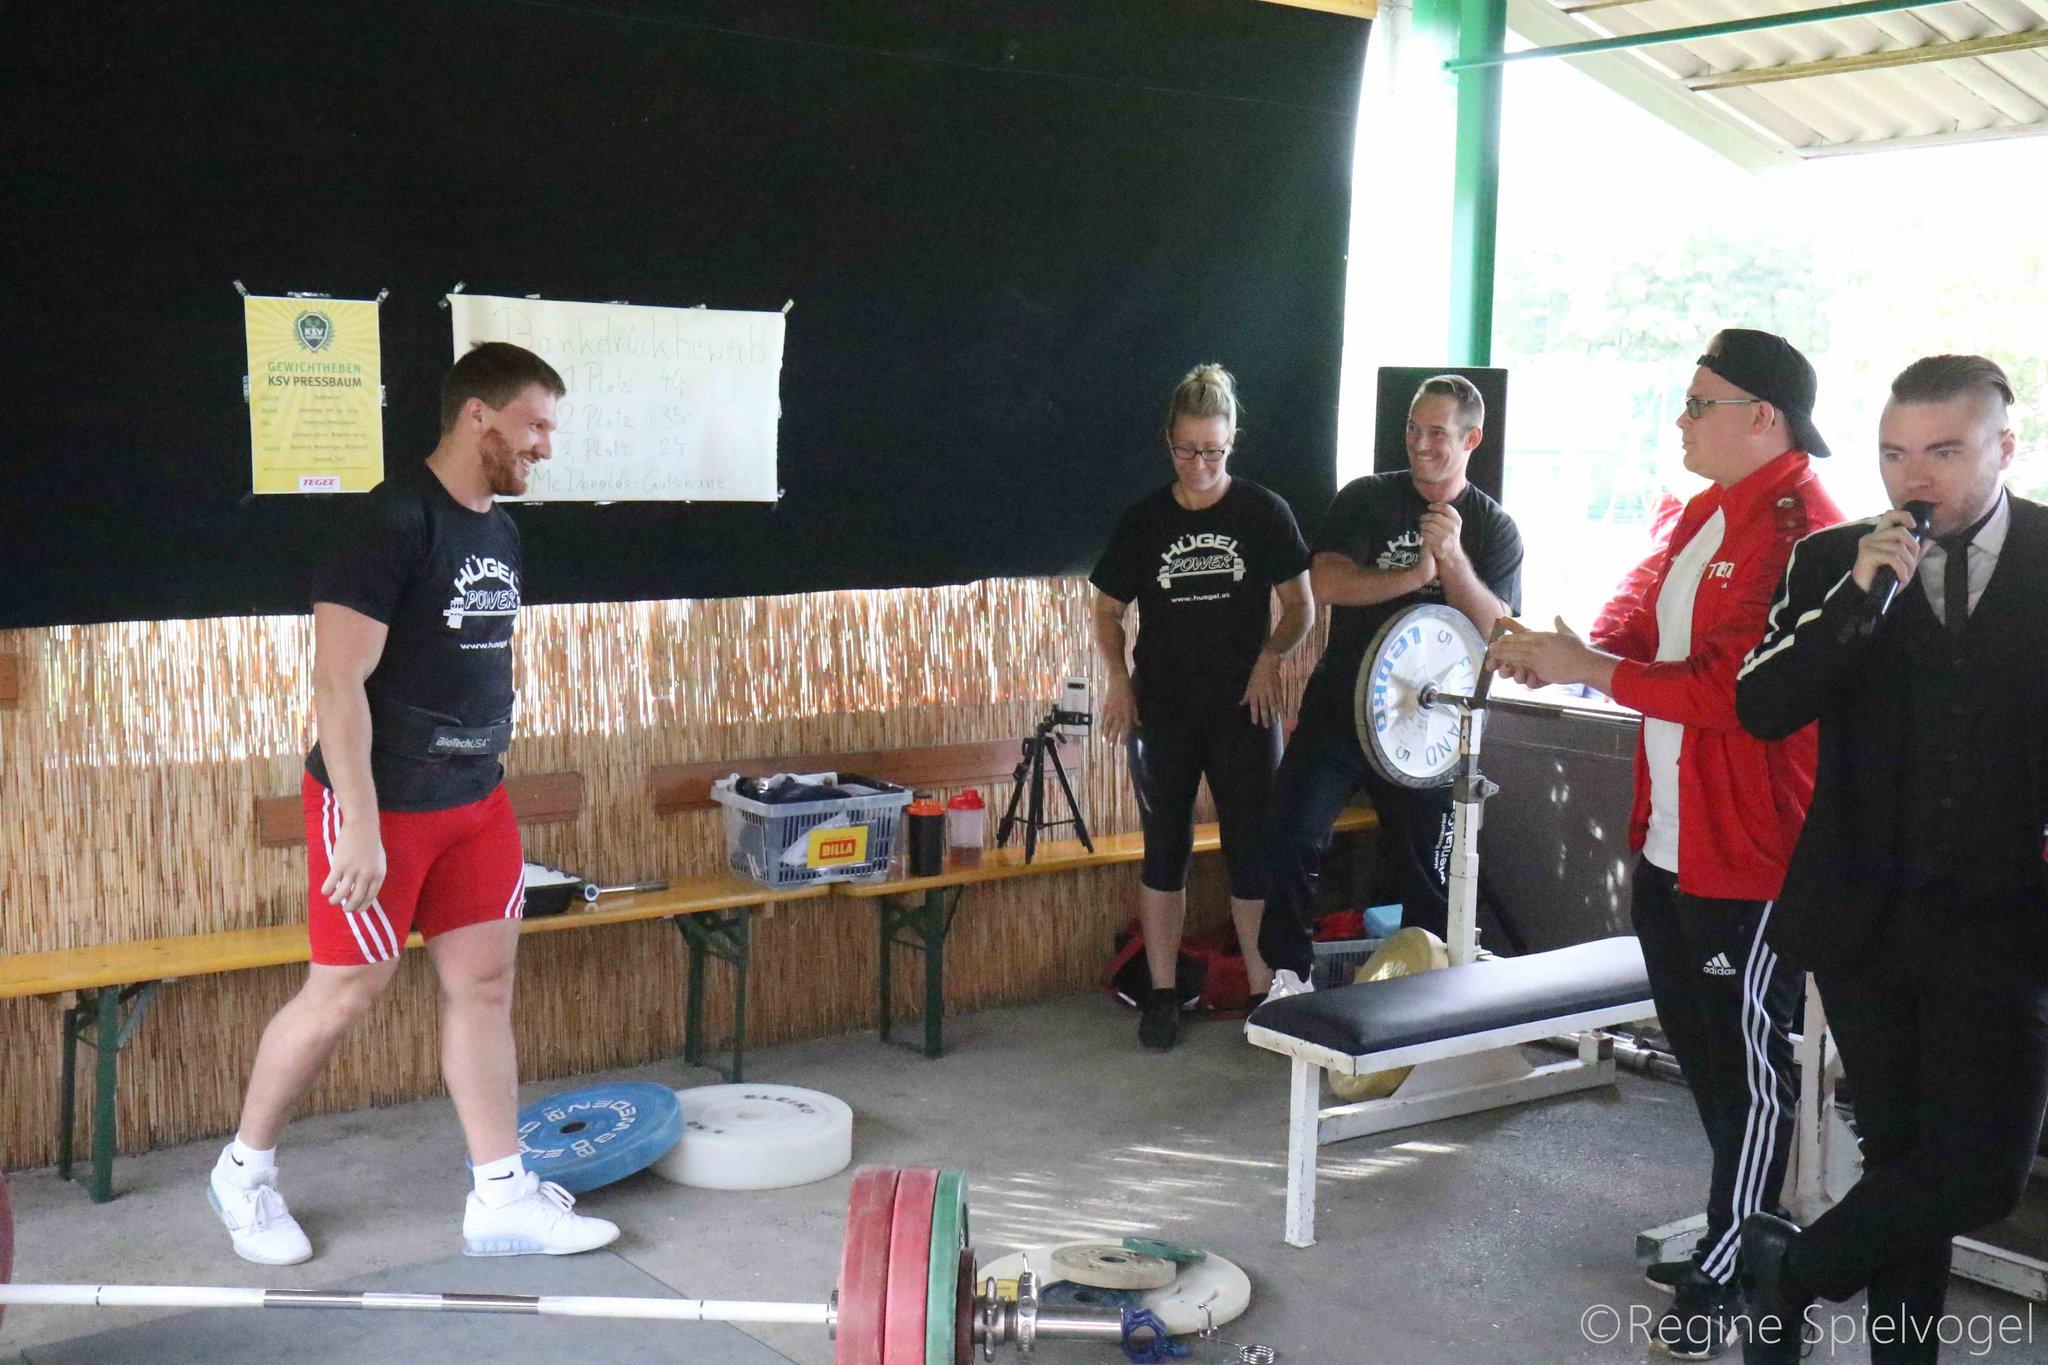 Groes Sportfest in Pressbaum: Sport zum Mitmachen und